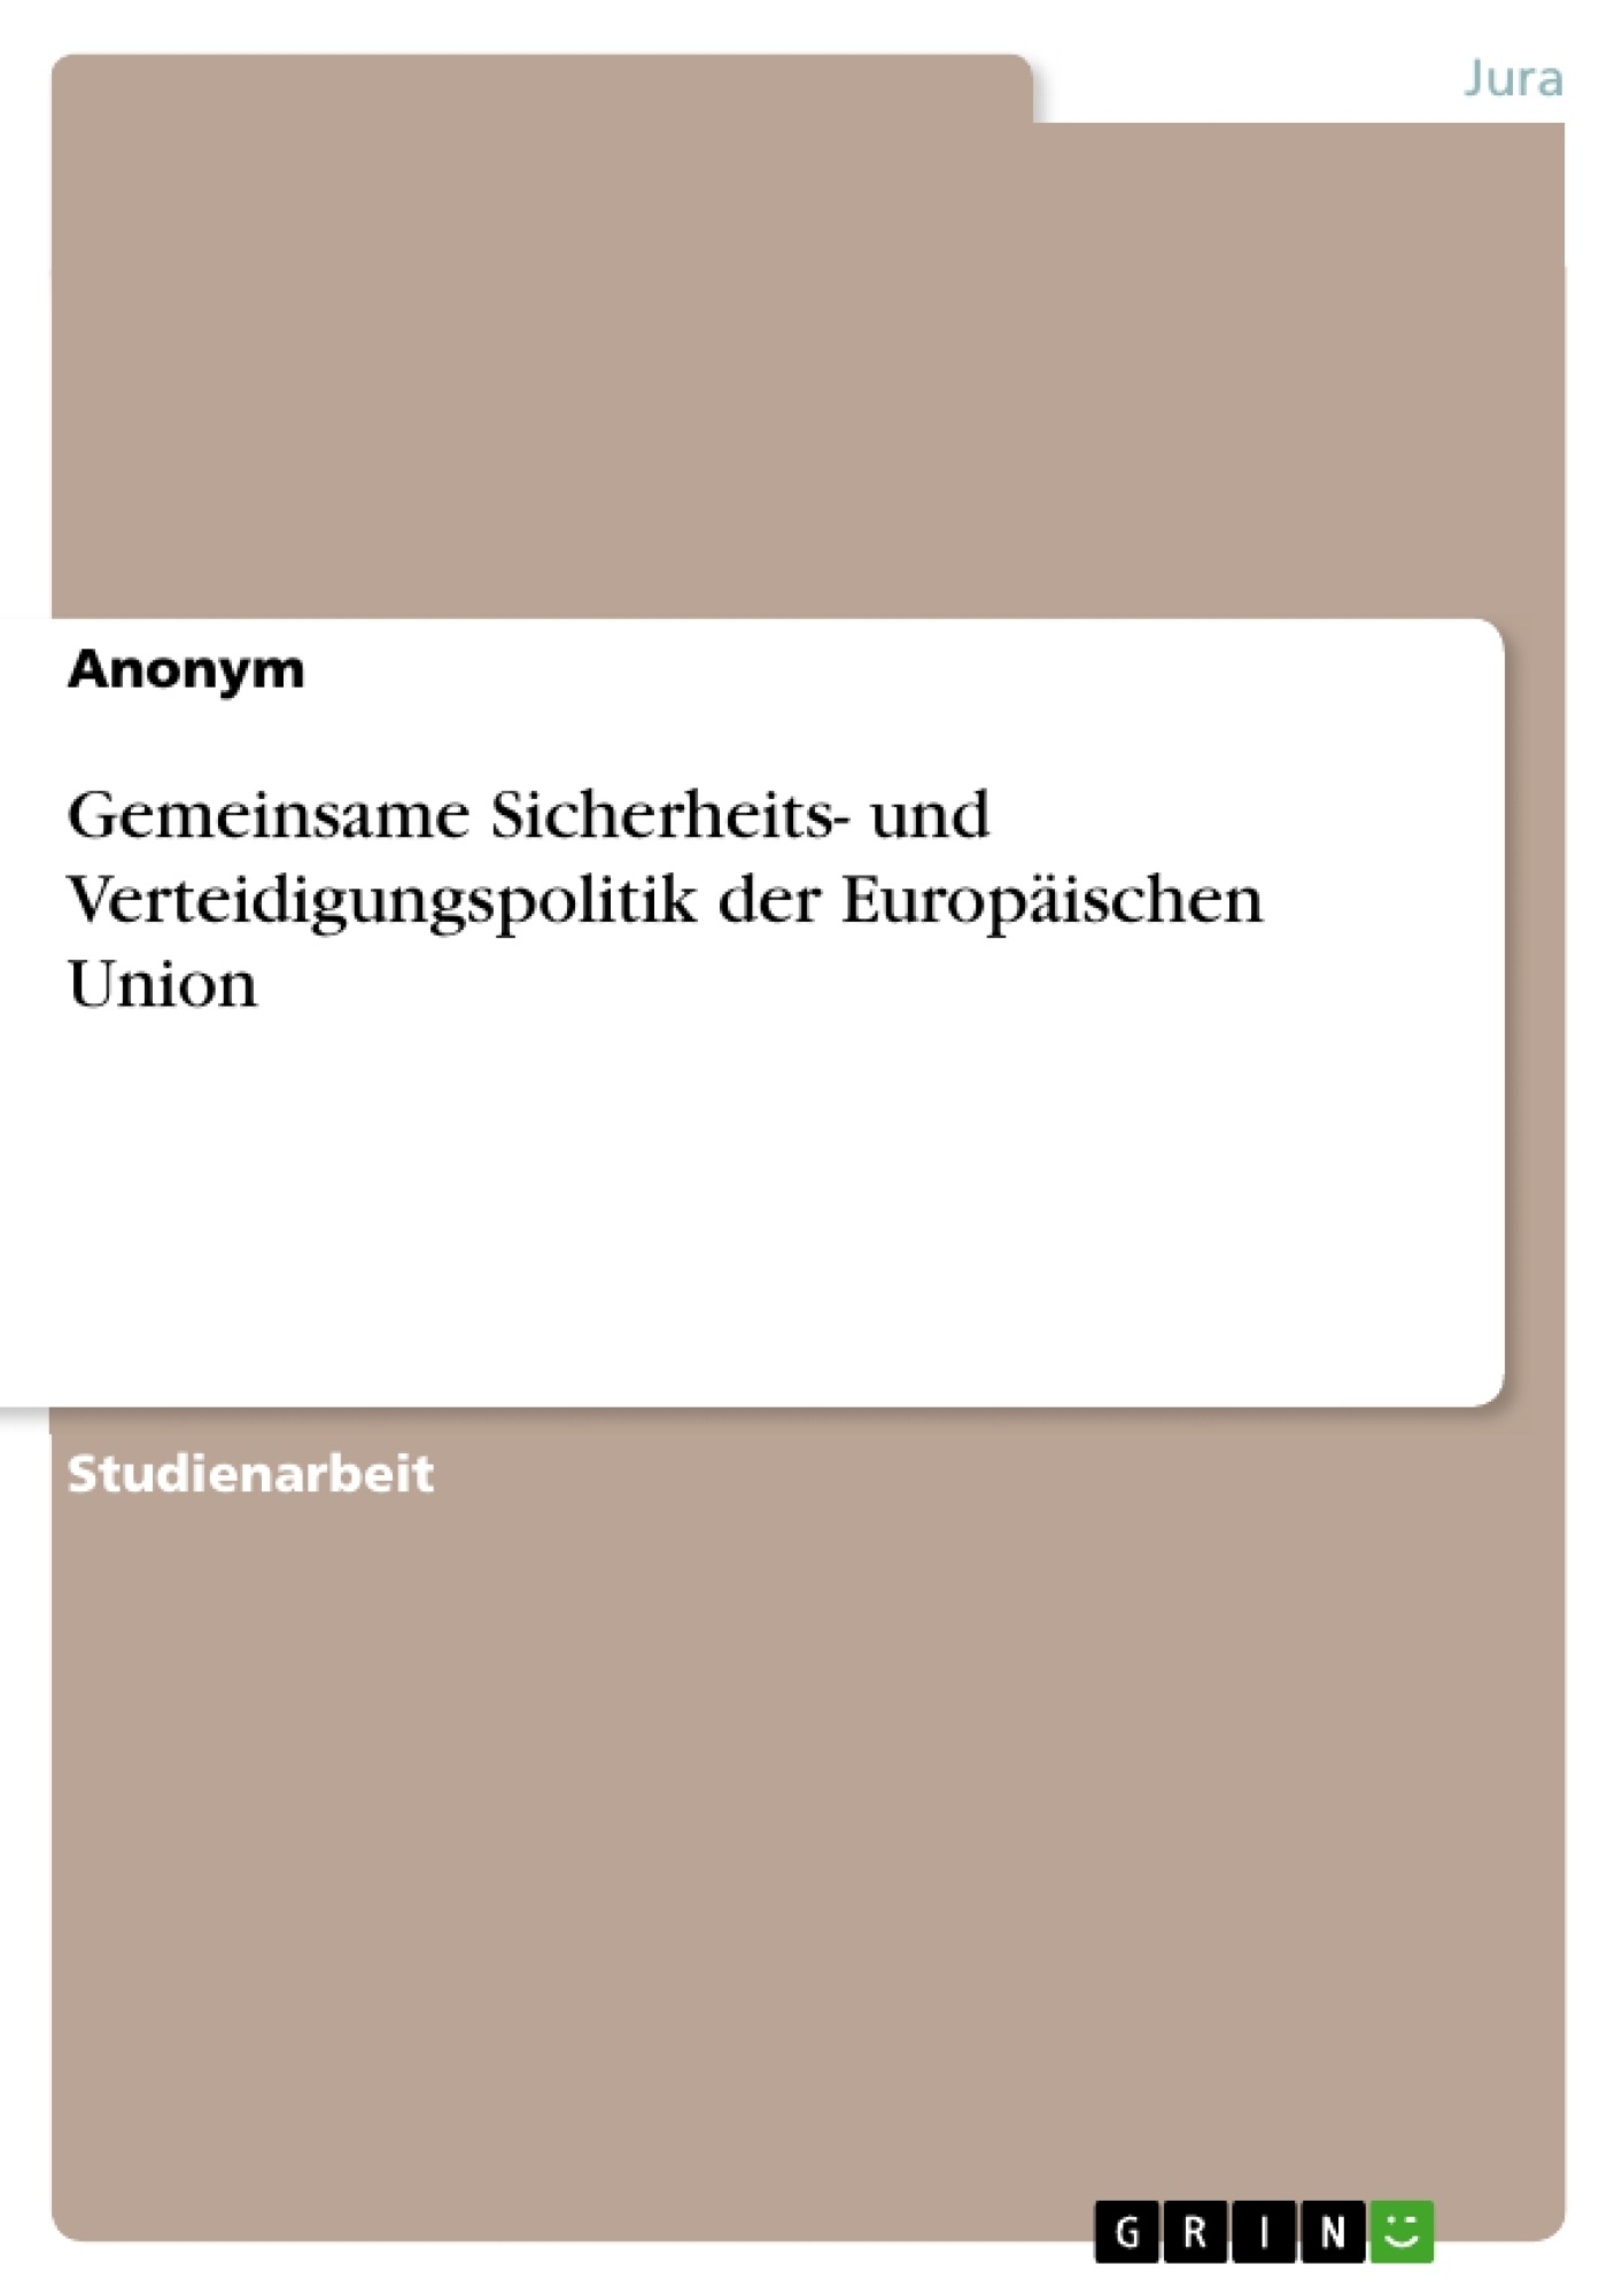 Titel: Gemeinsame Sicherheits- und Verteidigungspolitik der Europäischen Union